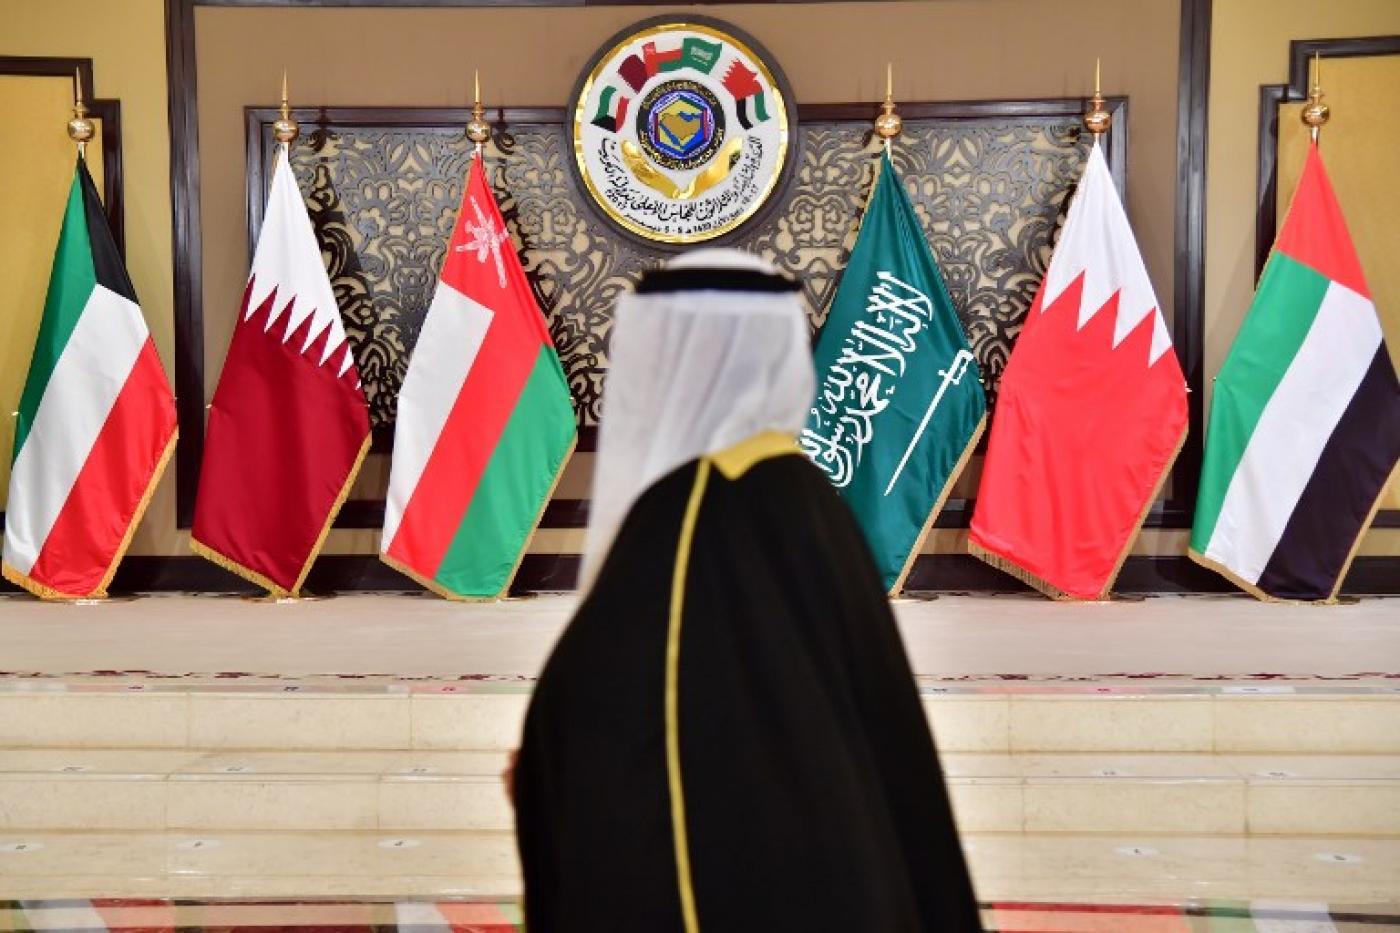 ΚΙΝΗΣΗ ΜΑΤ ΤΩΝ ΑΡΑΒΩΝ ΕΝΑΝΤΙΟΝ ΤΟΥΡΚΙΑΣ: Το Κατάρ ξαναπερνάει στην επιρροή των ΗΑΕ & ΣΑ